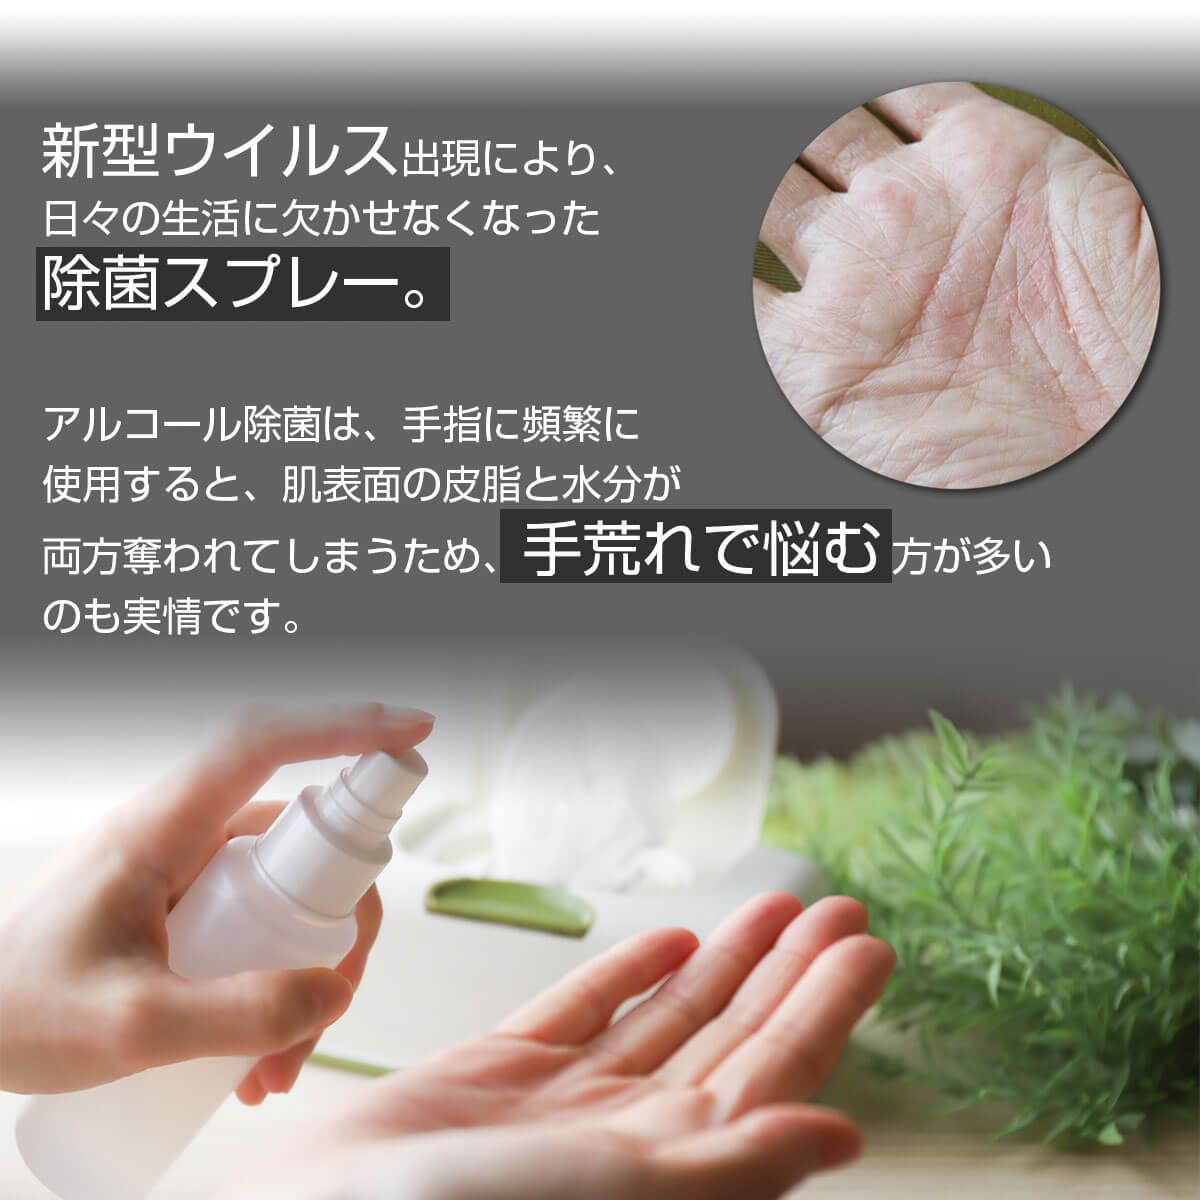 新型コロナウイルスによる除菌対策